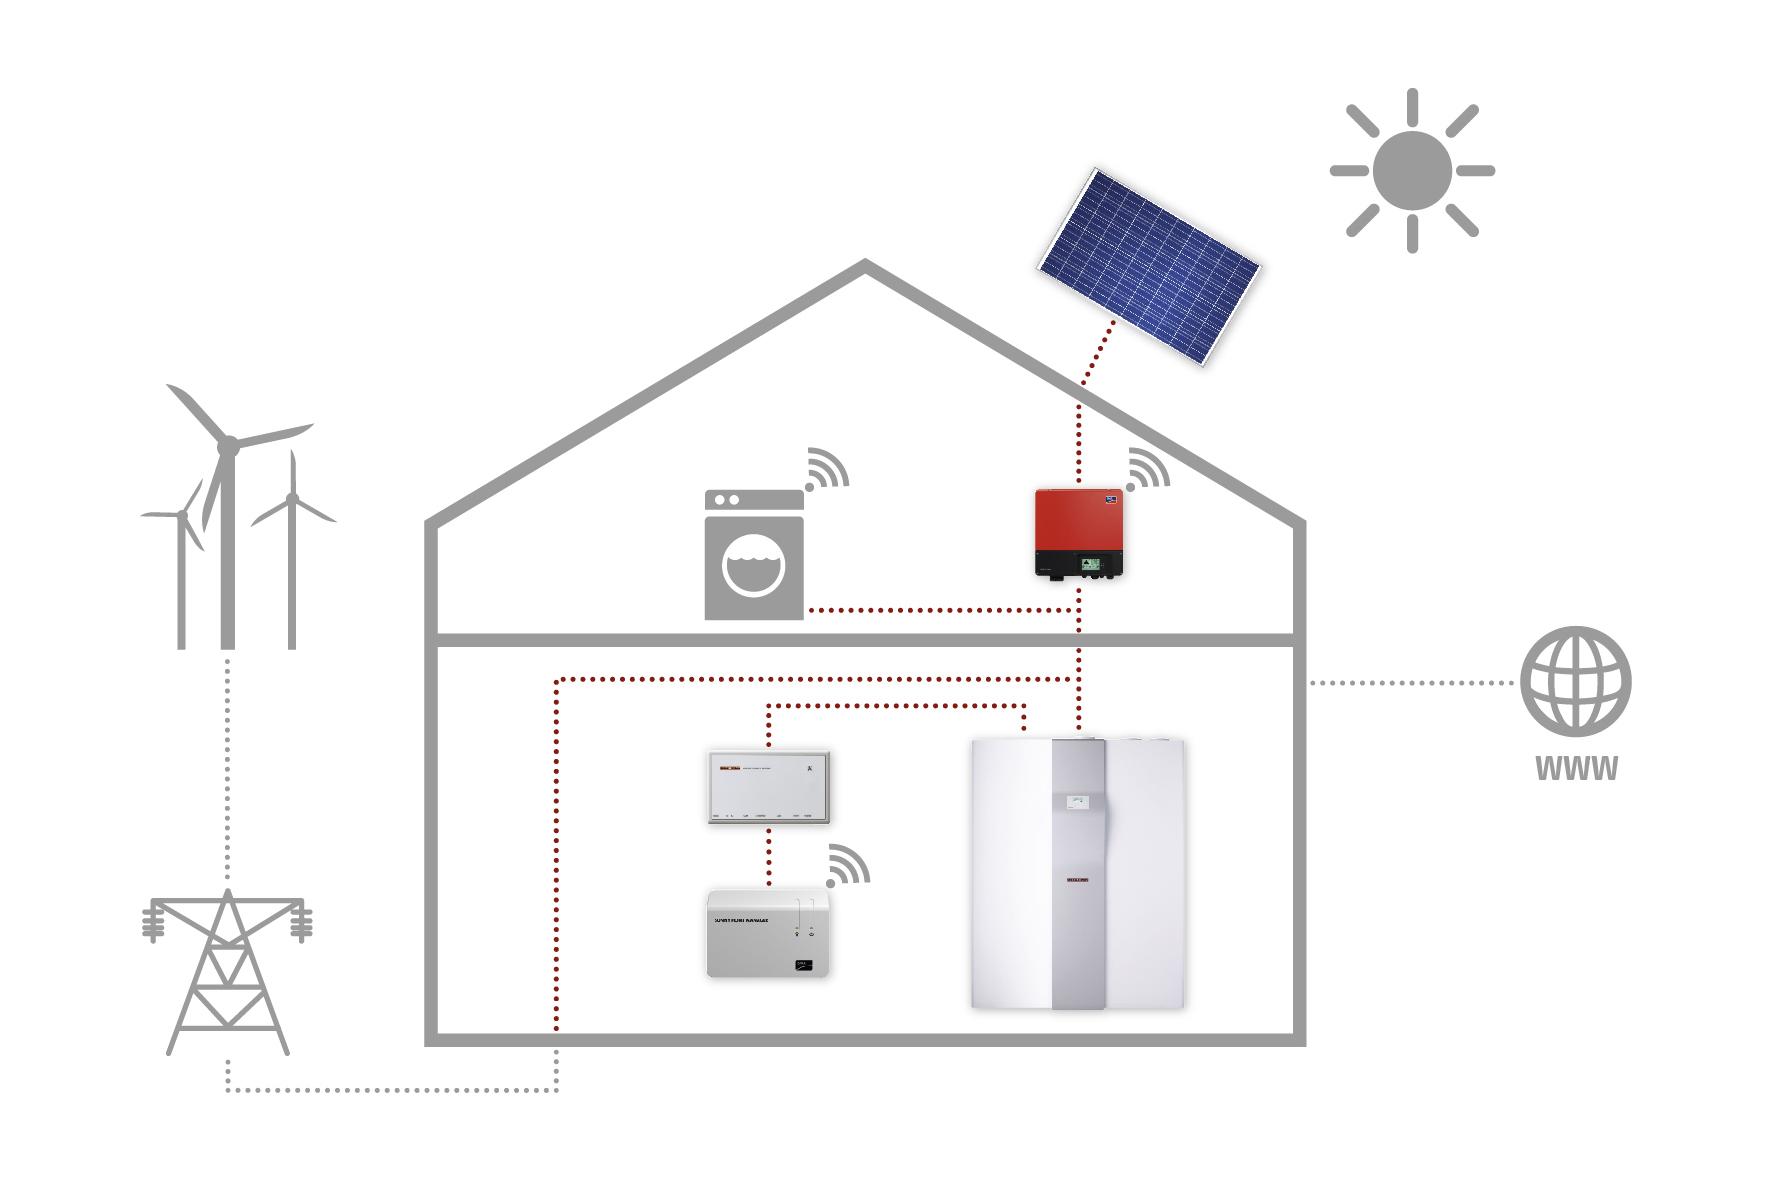 Intelligentes Energiemanagement in Wohngebäuden verbindet Strom- und Wärmeerzeugung mit dem Verbrauch